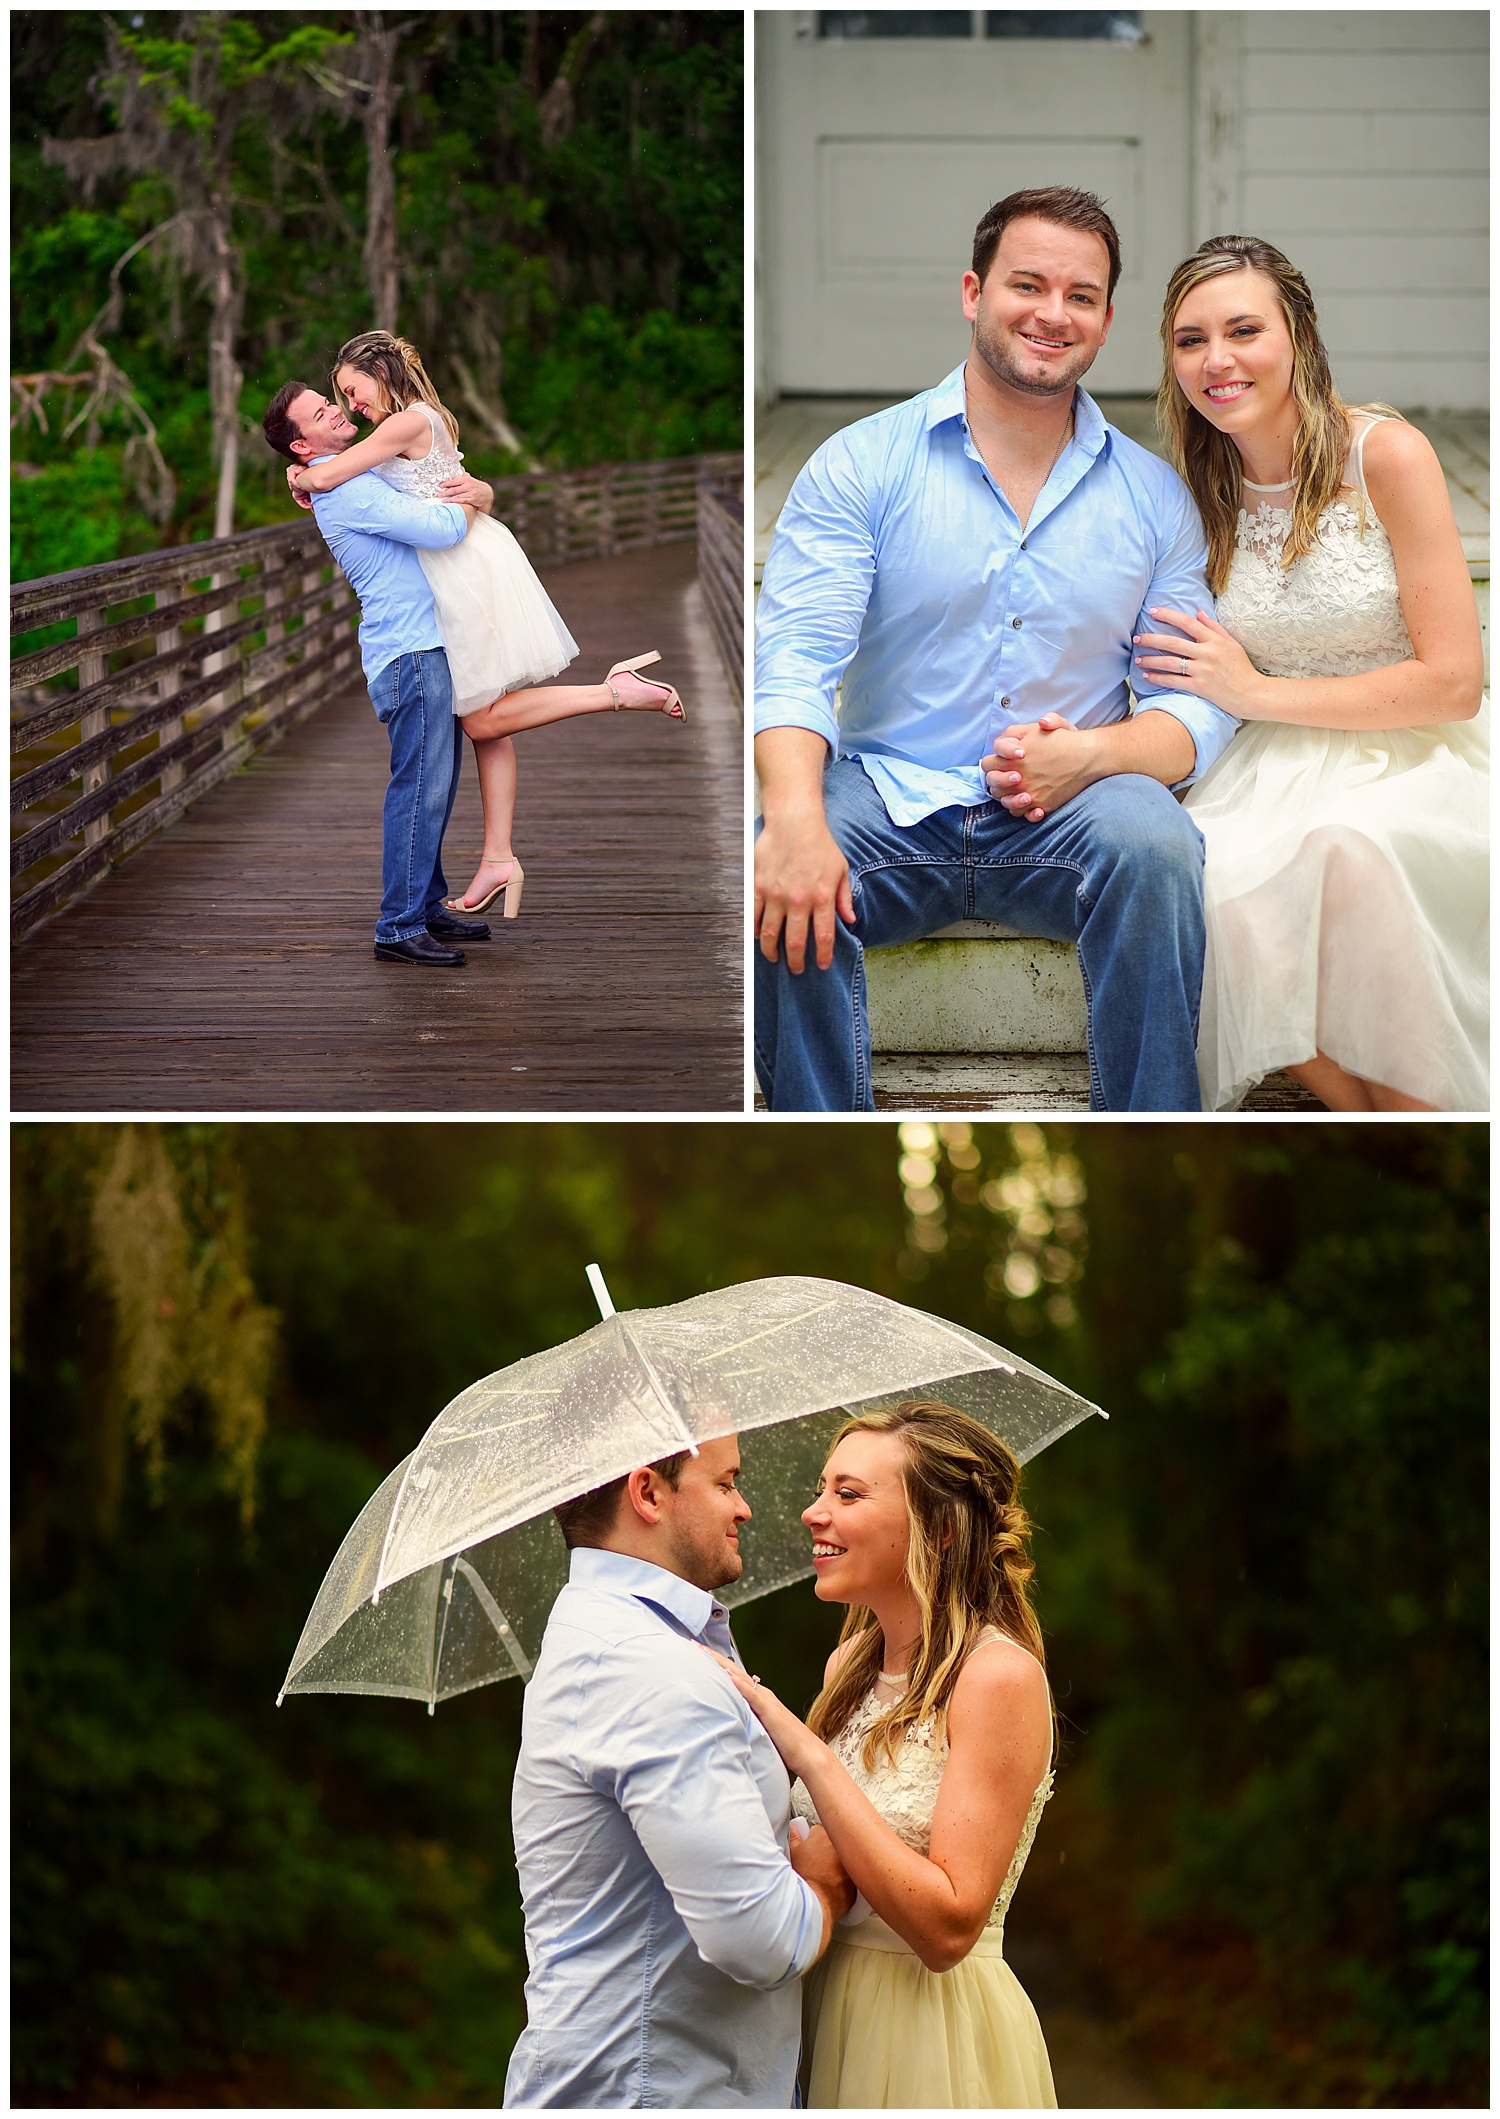 Rainy engagement shoot